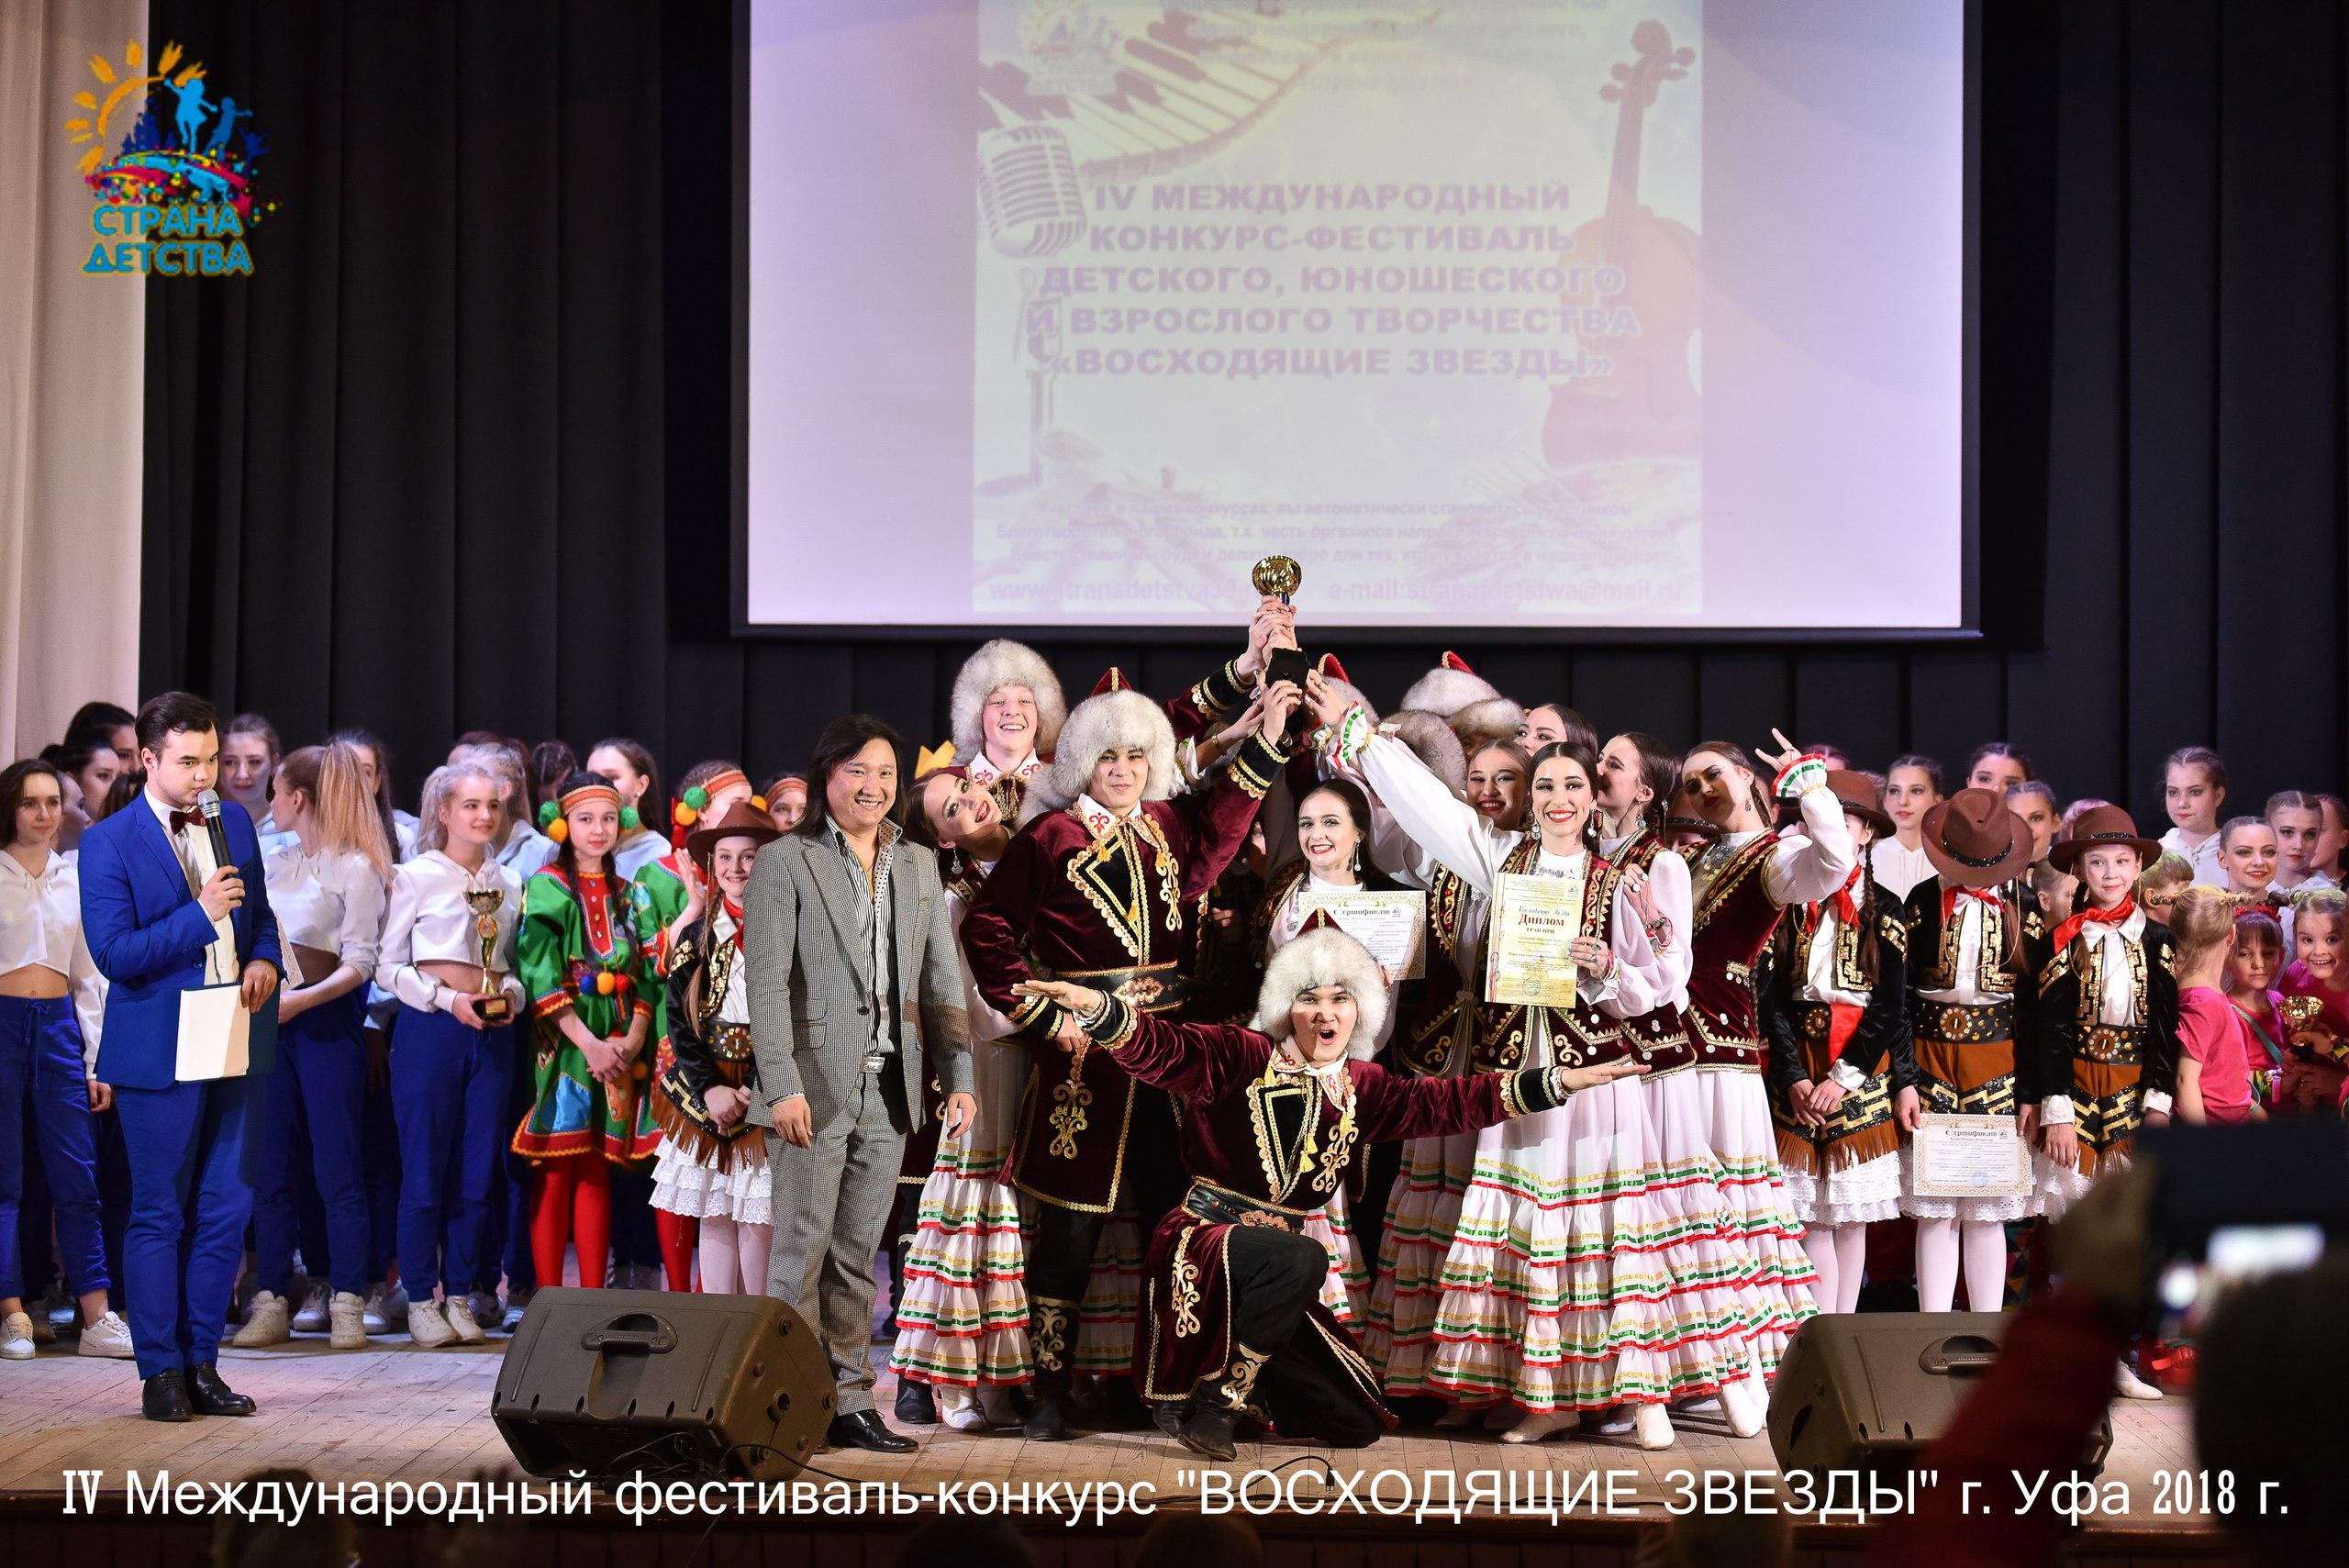 В столице Республики Башкортостан городе Уфе 23-24 ноября 2019г. успешно завершился II Международный конкурс-фестиваль детского, юношеского и взрослого творчества «Дорога к совершенству»